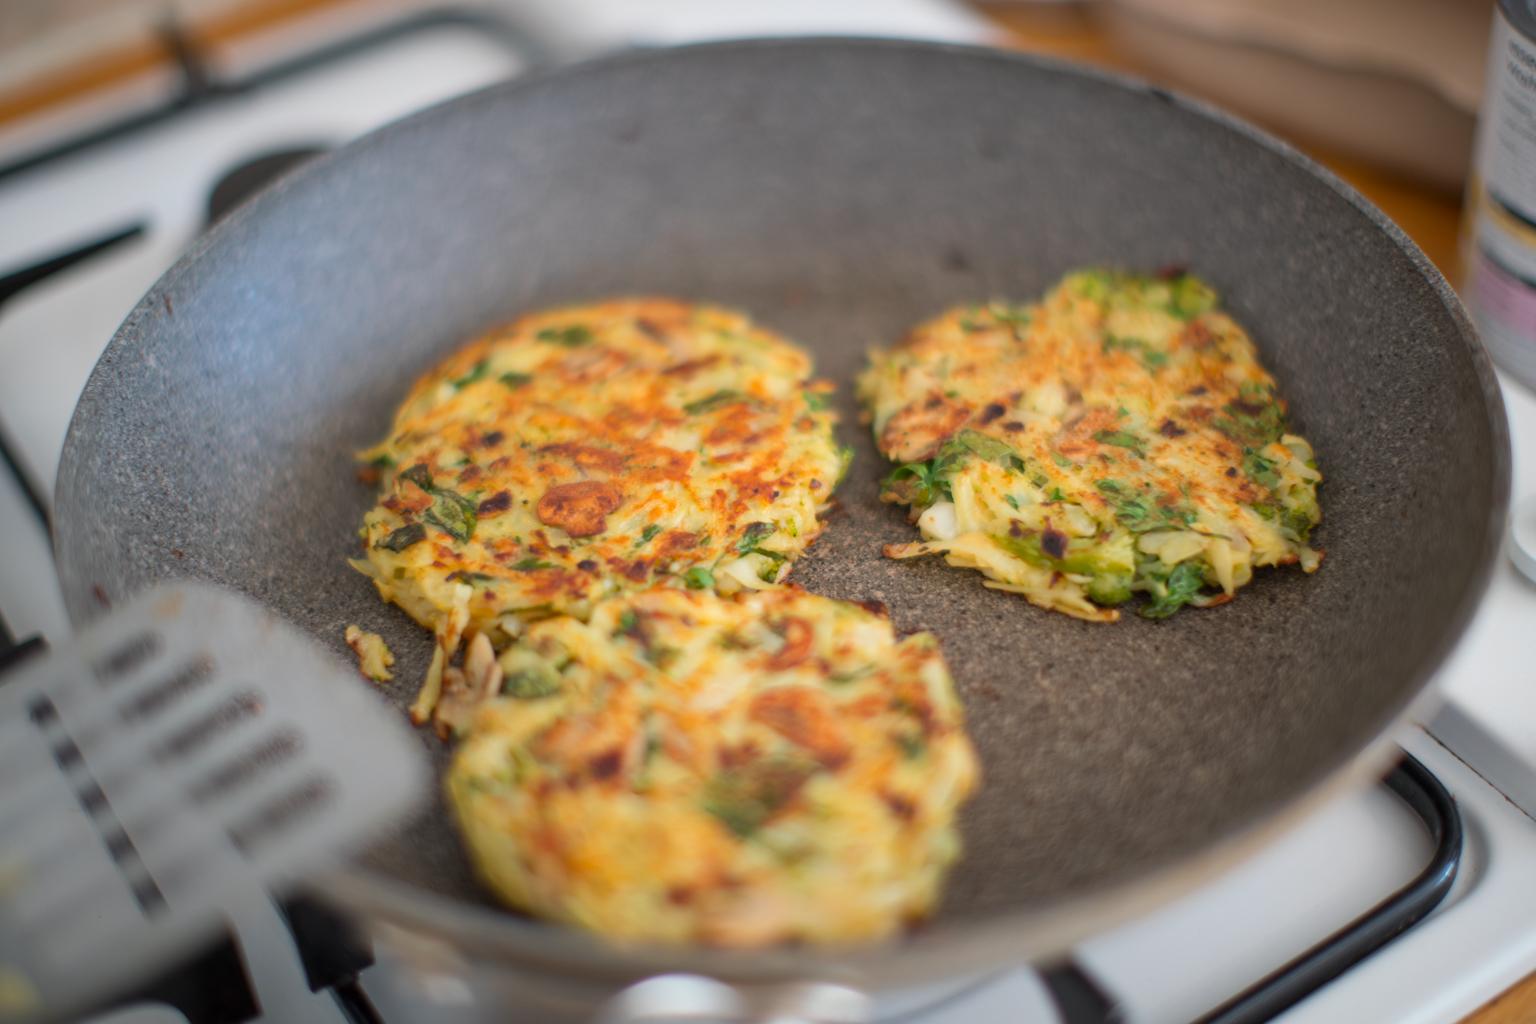 Fitness On Toast Potato Frittata Healthy Easy Breakfast Idea-2